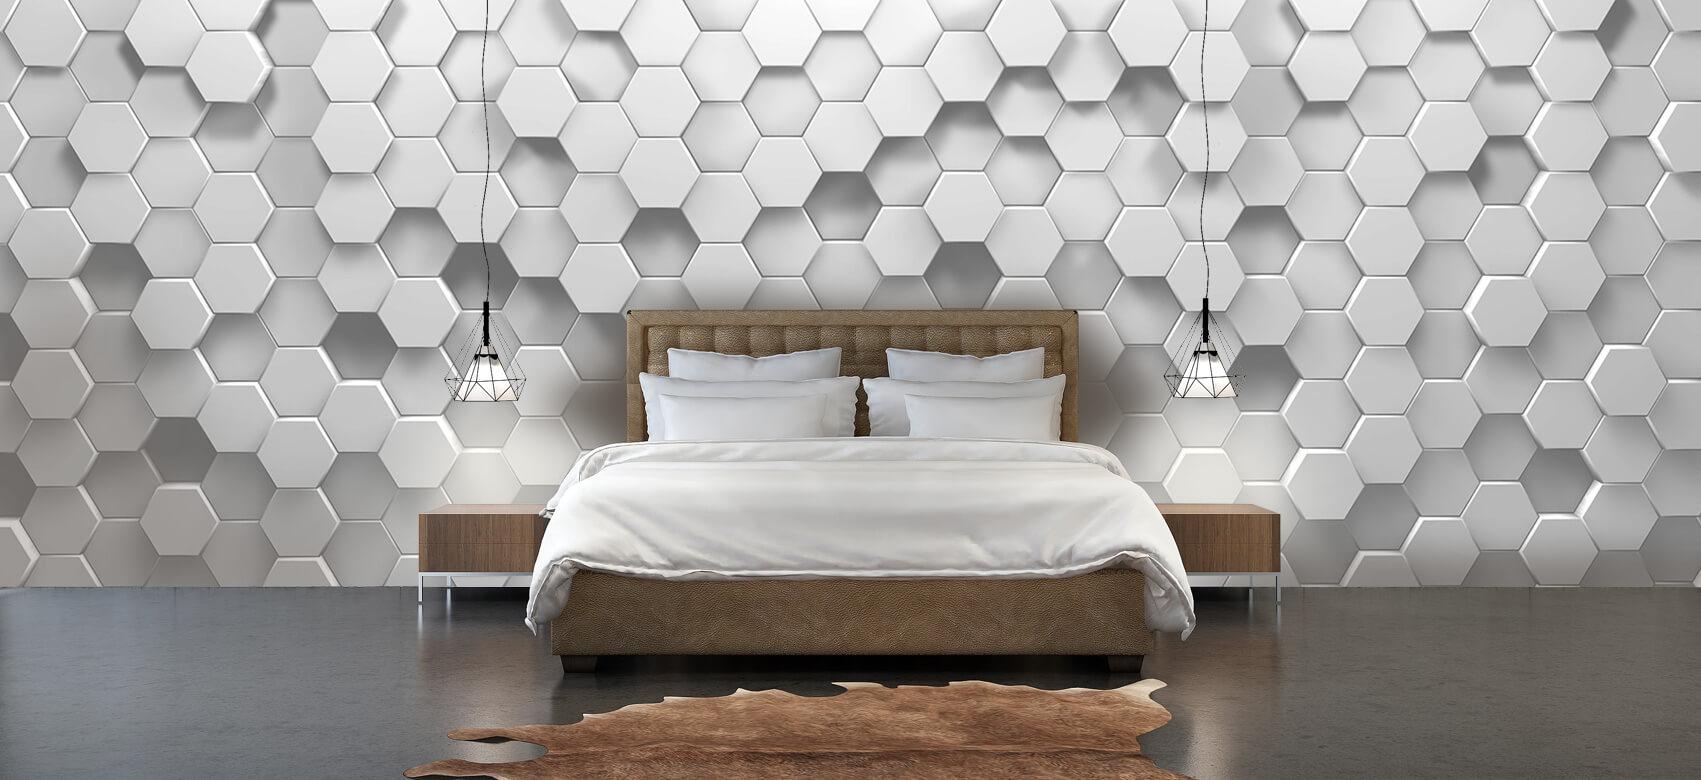 3D 3D Hexagons 3